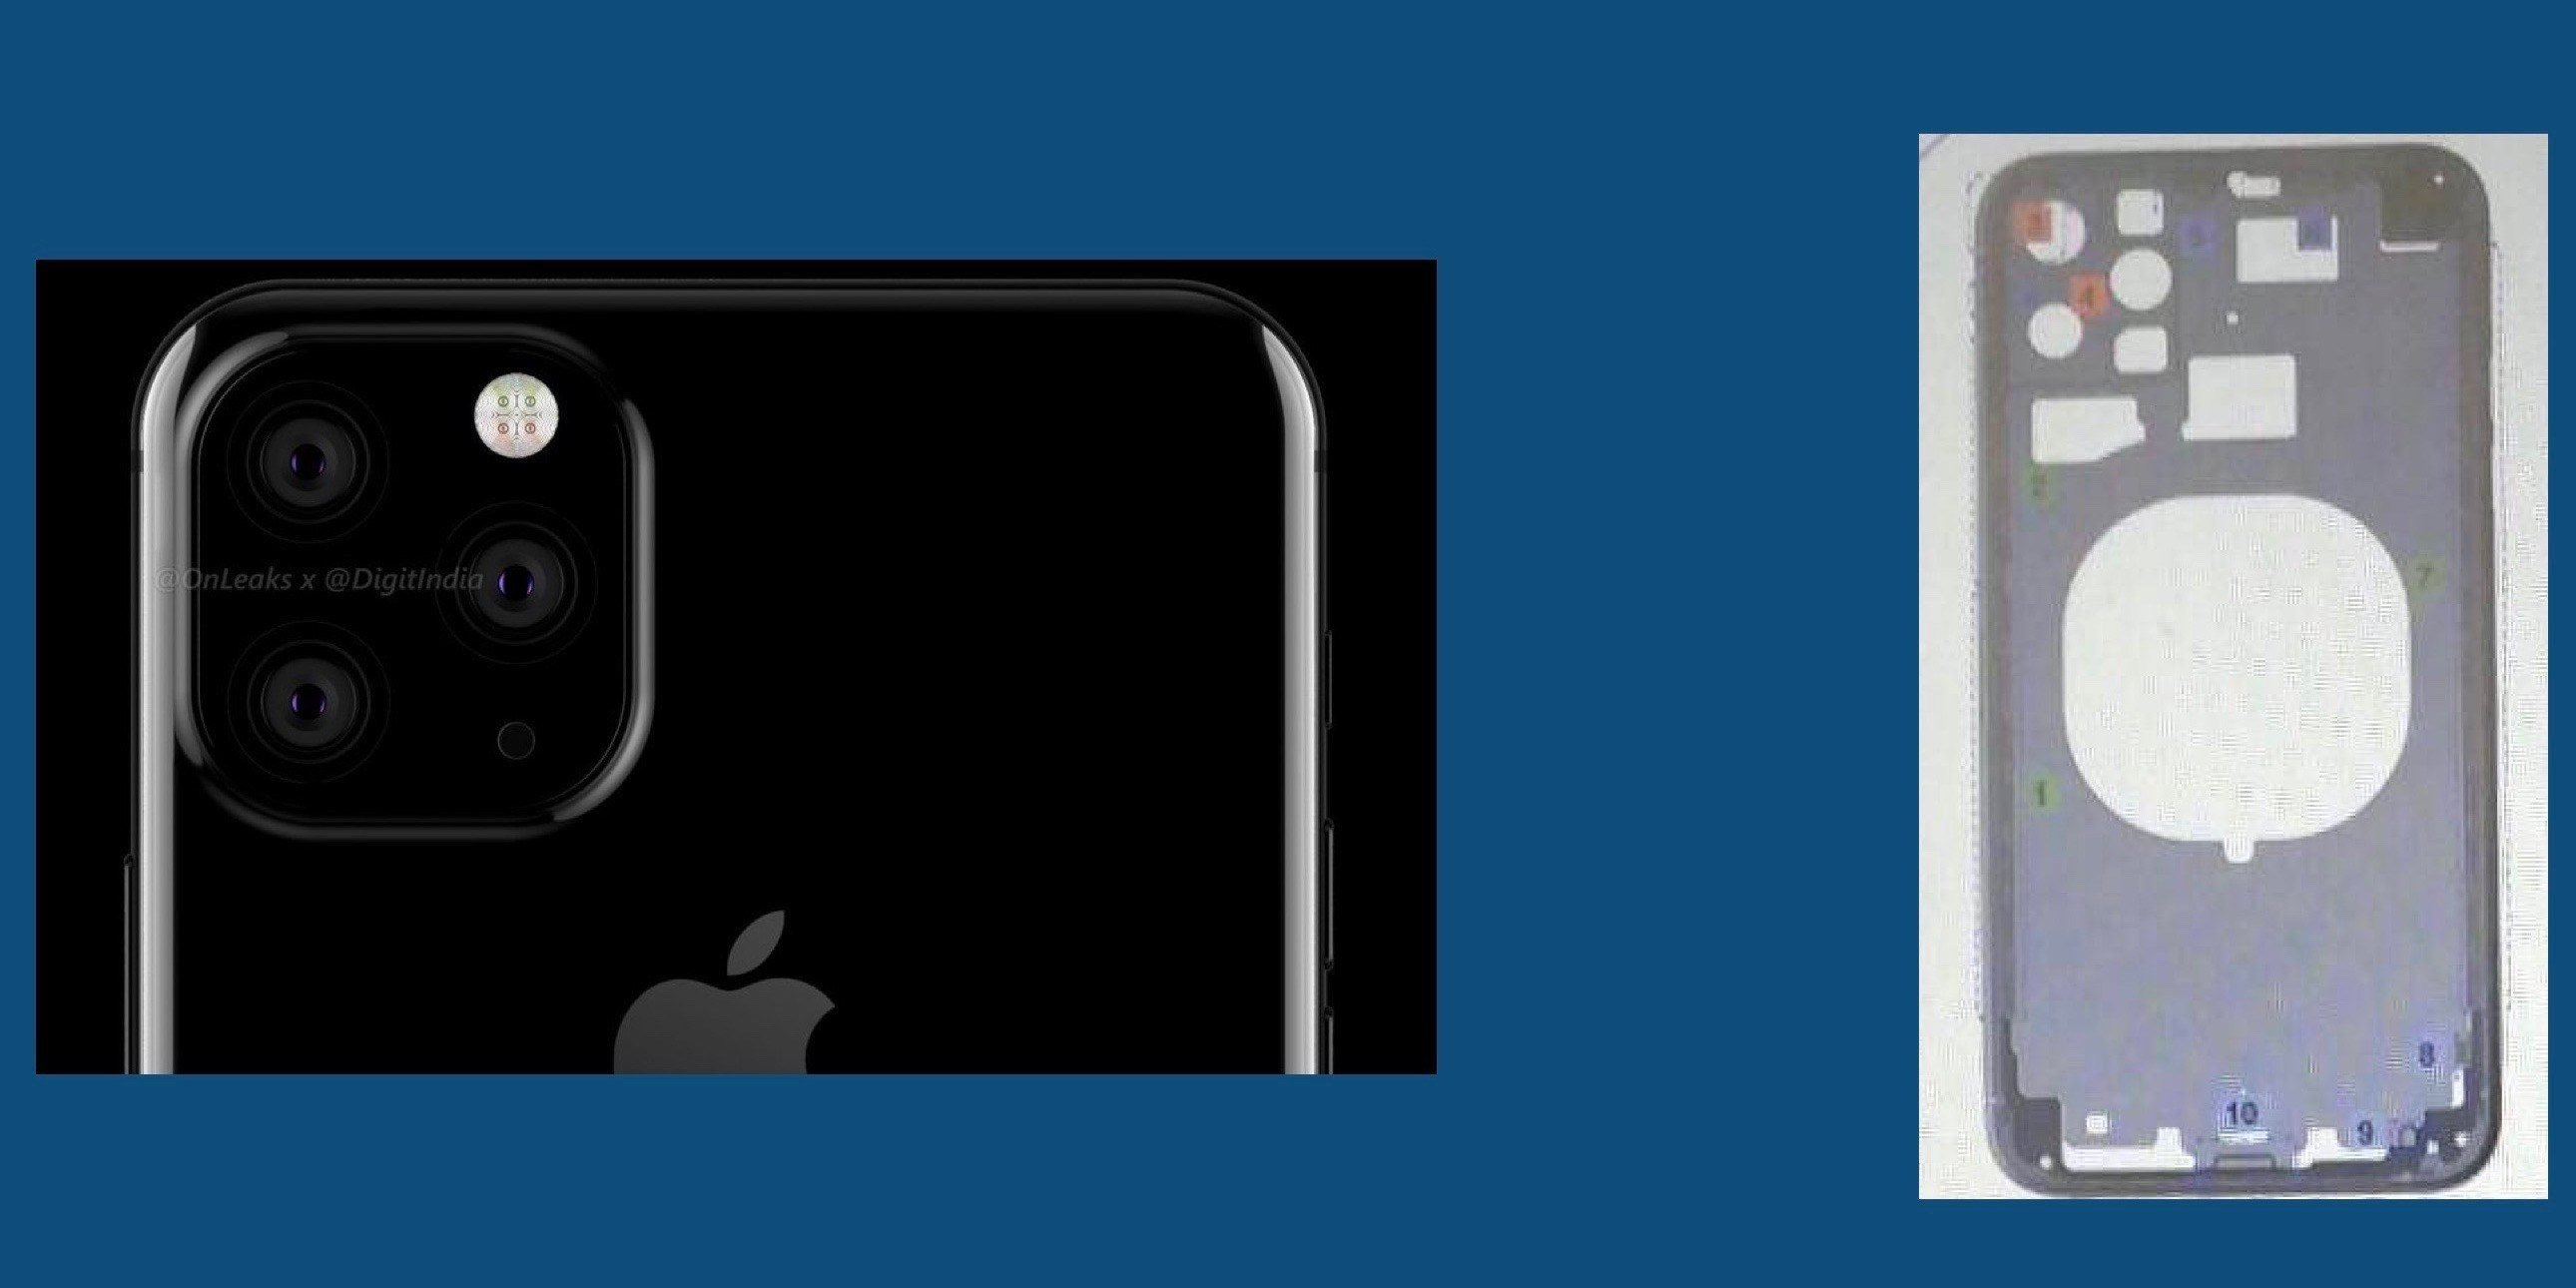 iPhone XI / XR 2 Leak - SlashLeaks